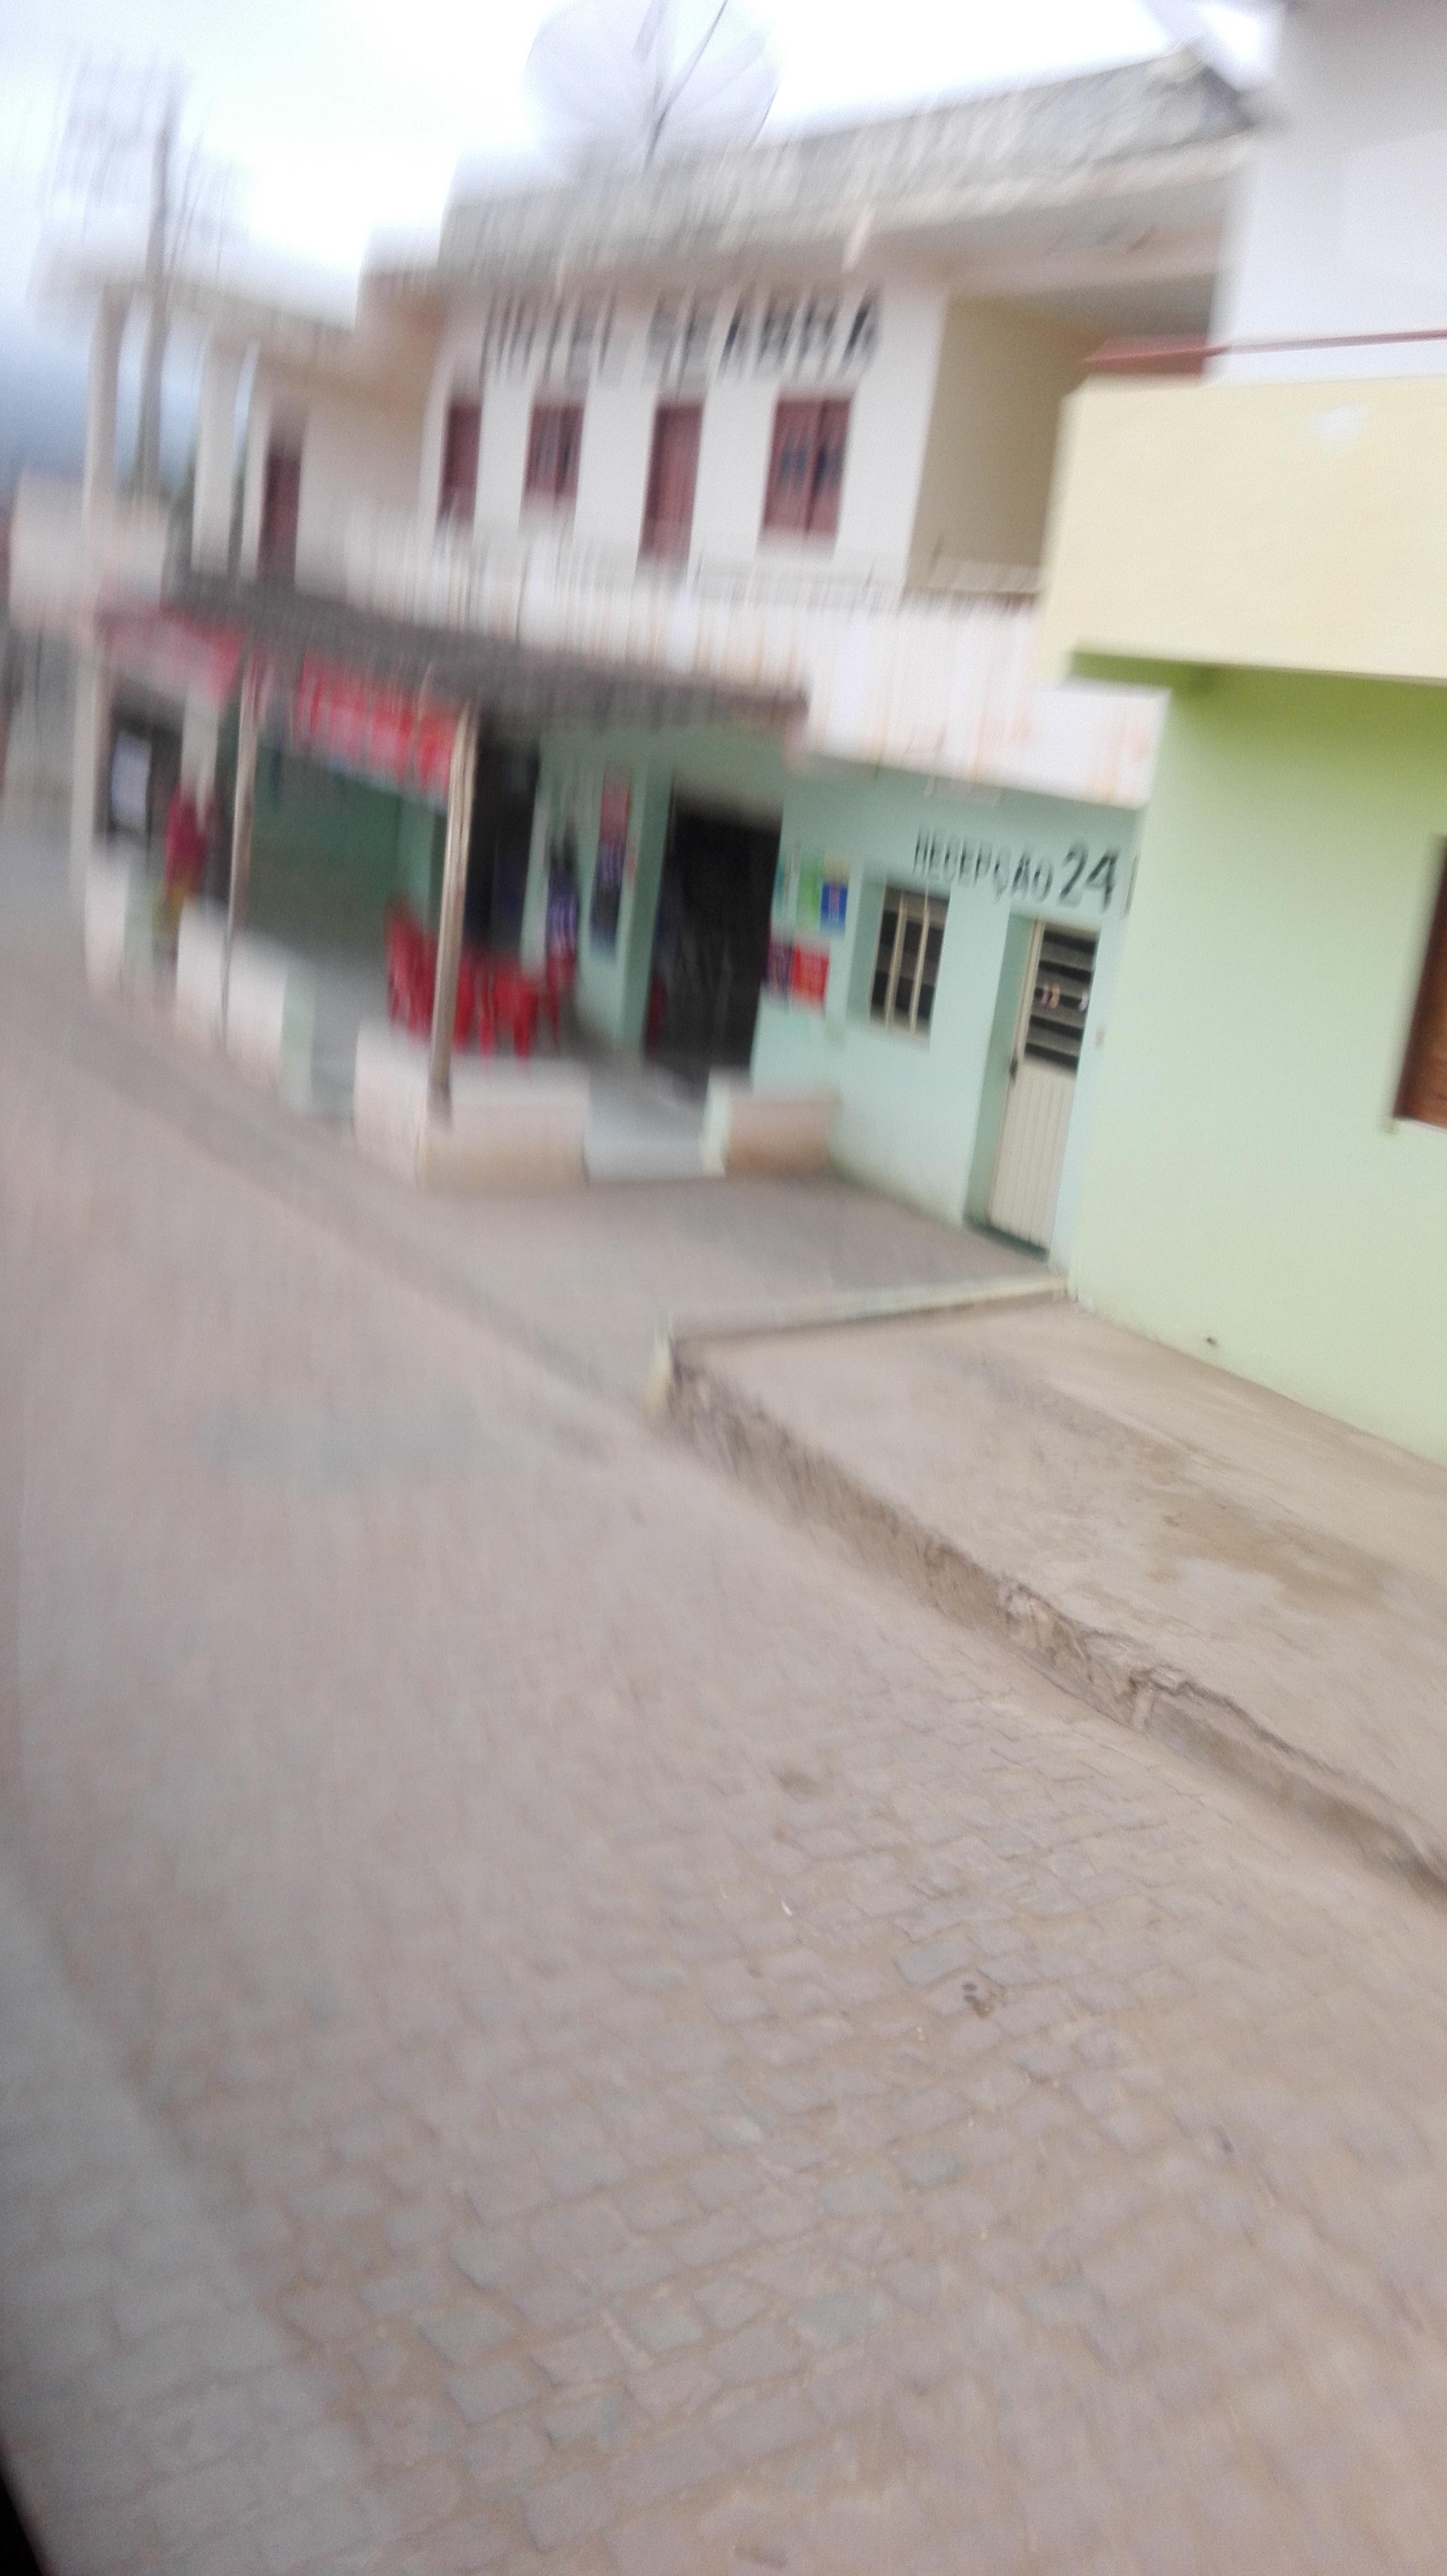 de-eerste-indrukken-op-deze-weg-richting-Ibitiara-25